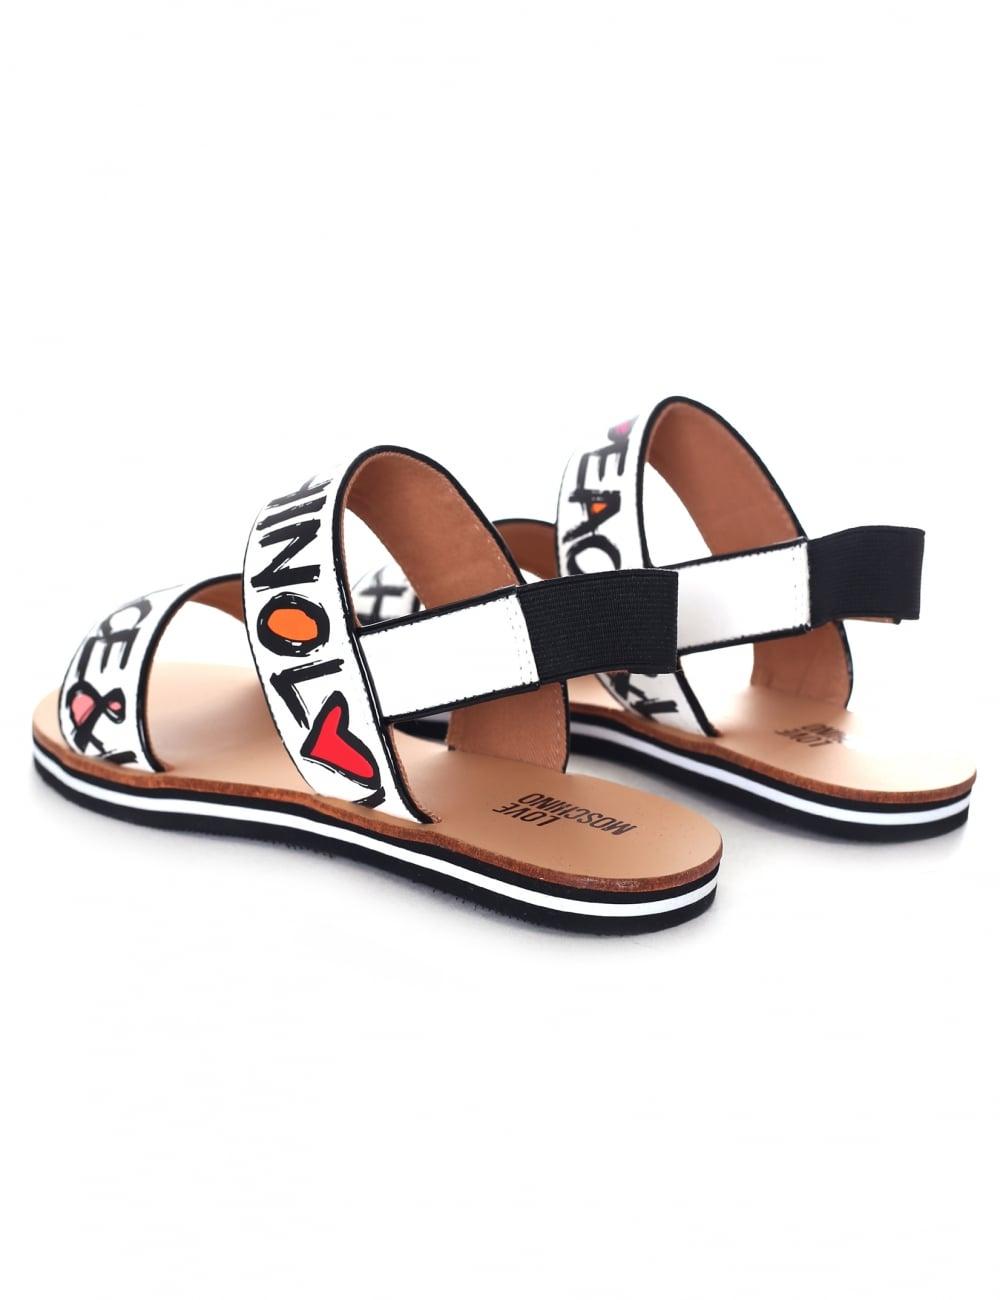 db94e2969ce3 Love Moschino Women s Graffiti Sandals